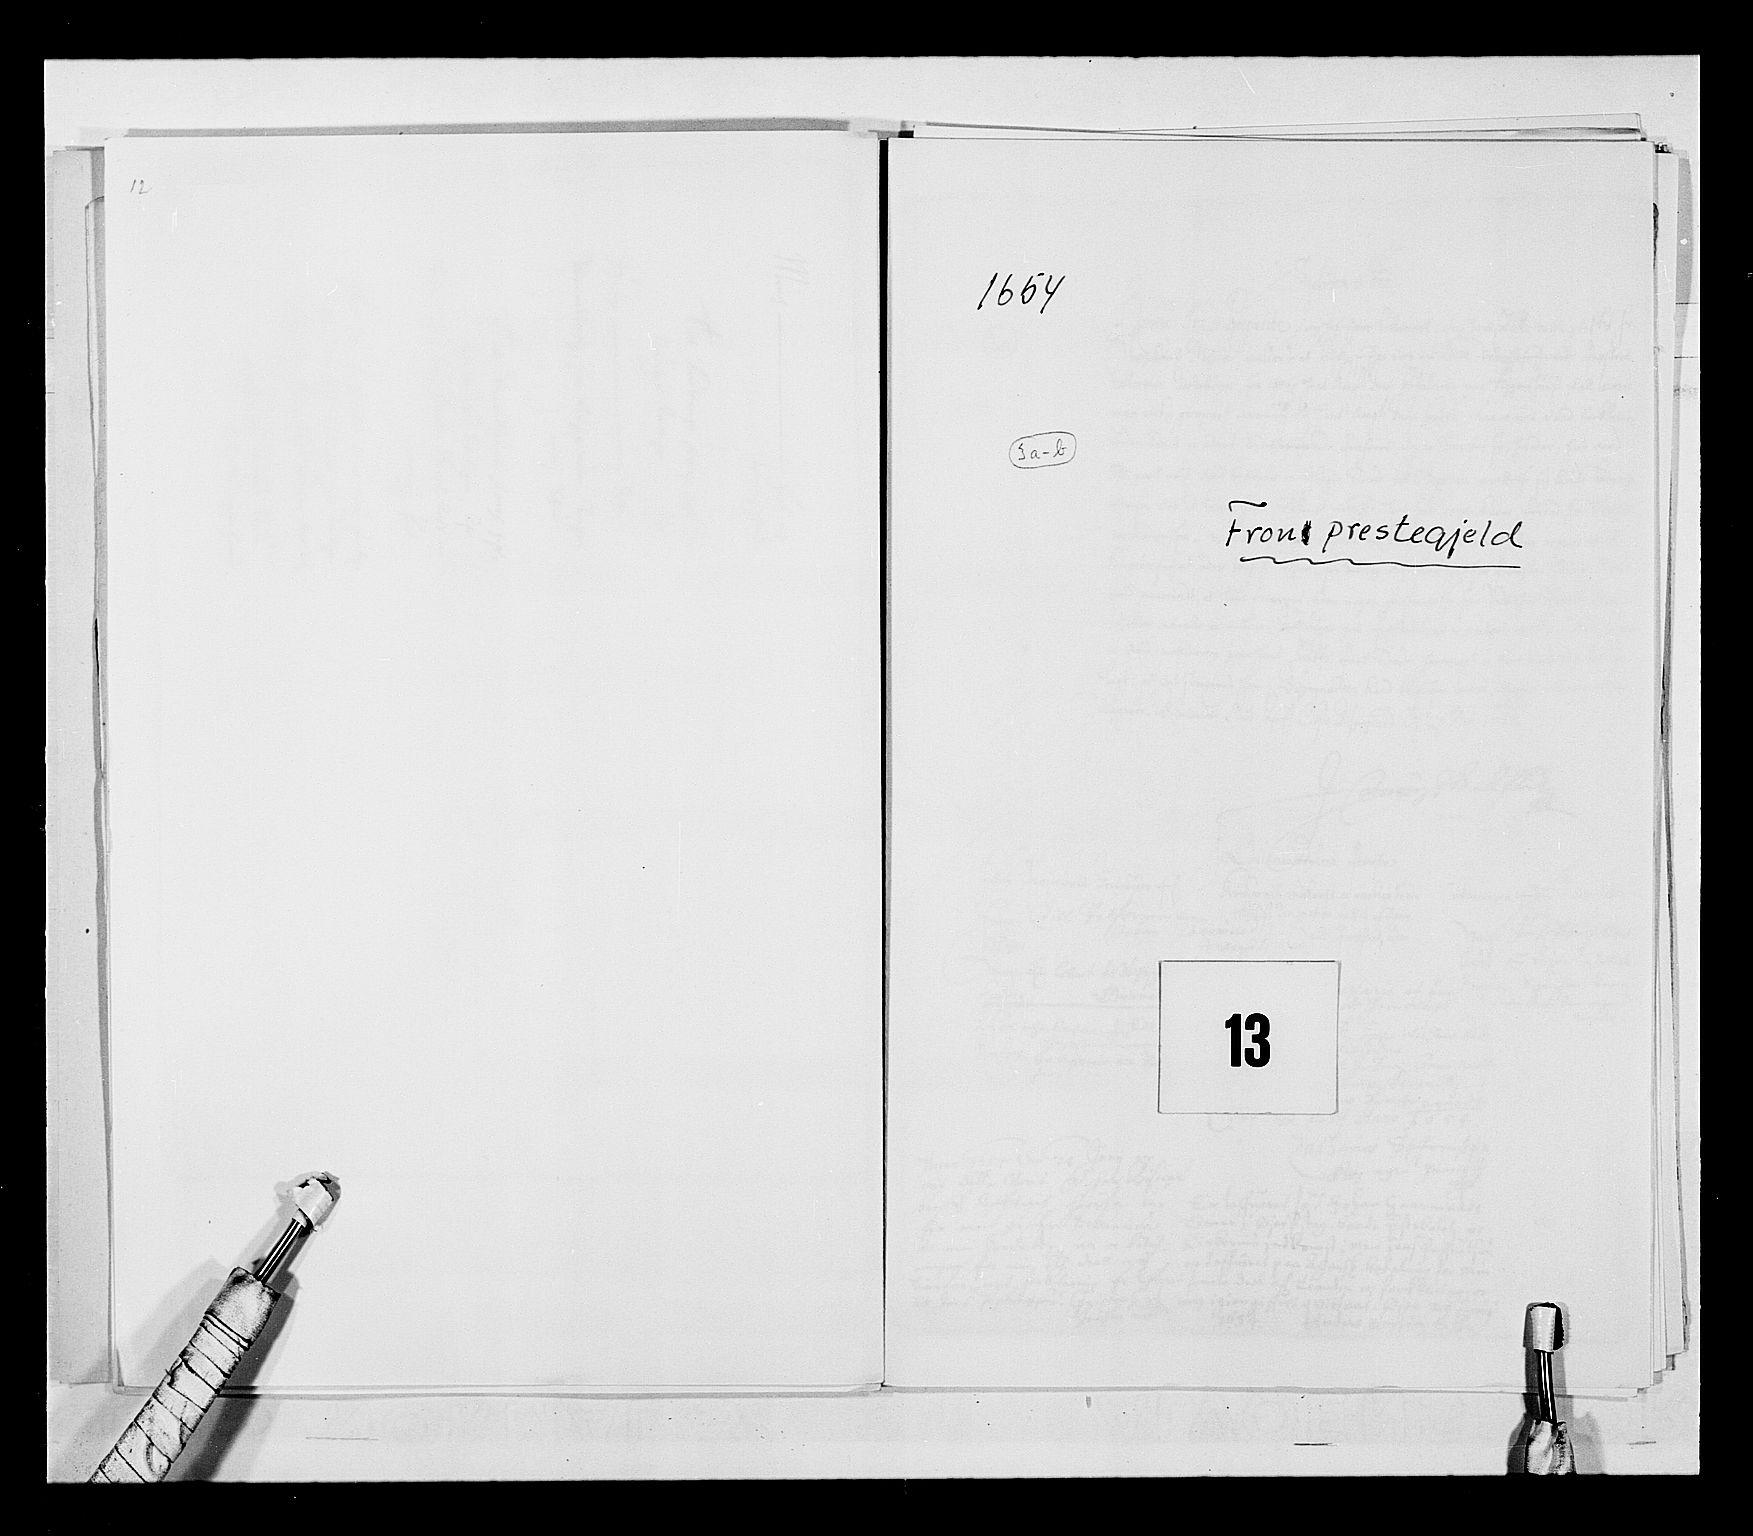 RA, Stattholderembetet 1572-1771, Ek/L0030: Jordebøker 1633-1658:, 1654, s. 56